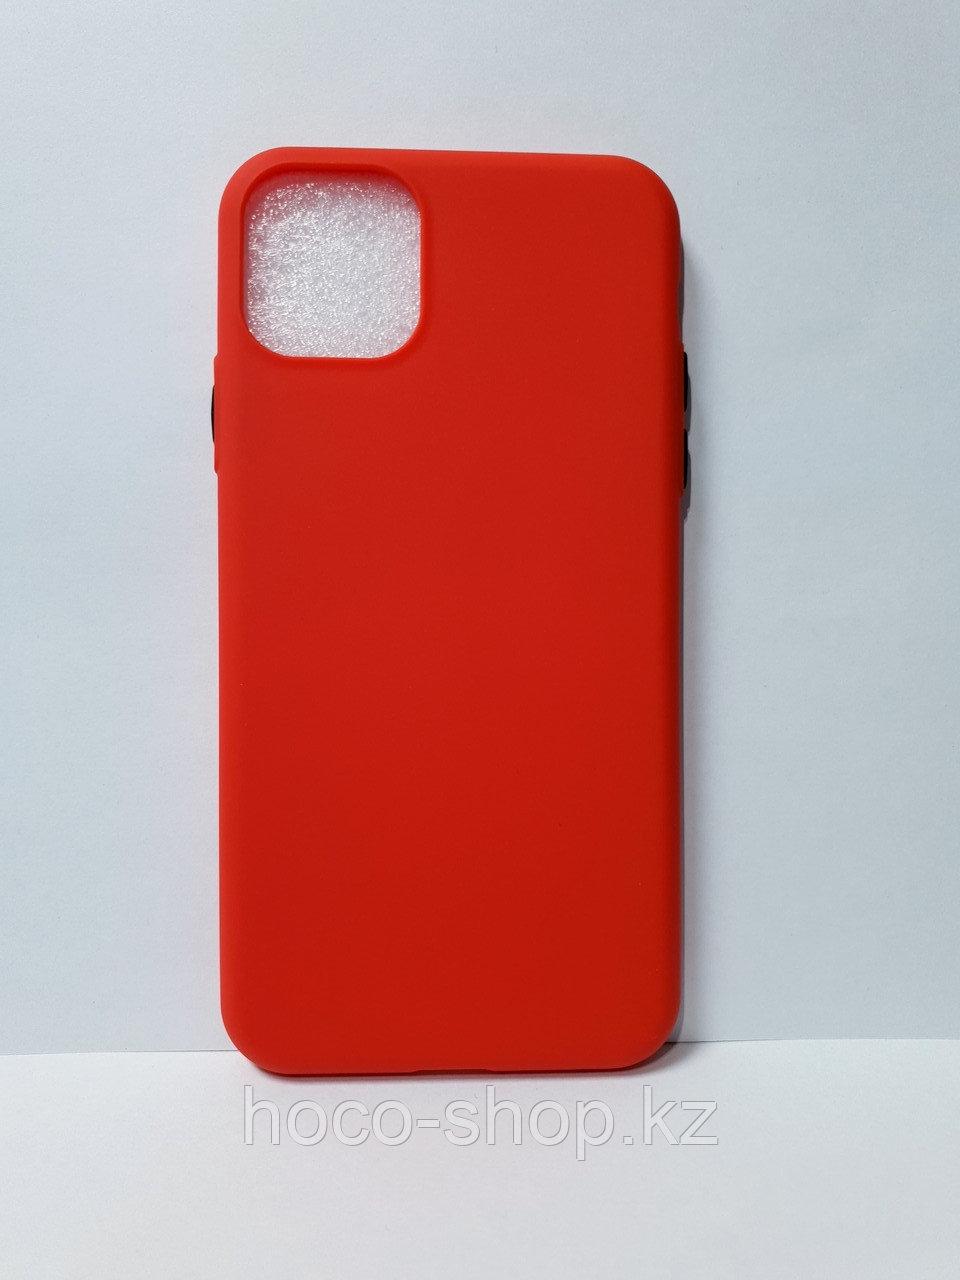 Чехол гель смайлик iPhone 11 Pro